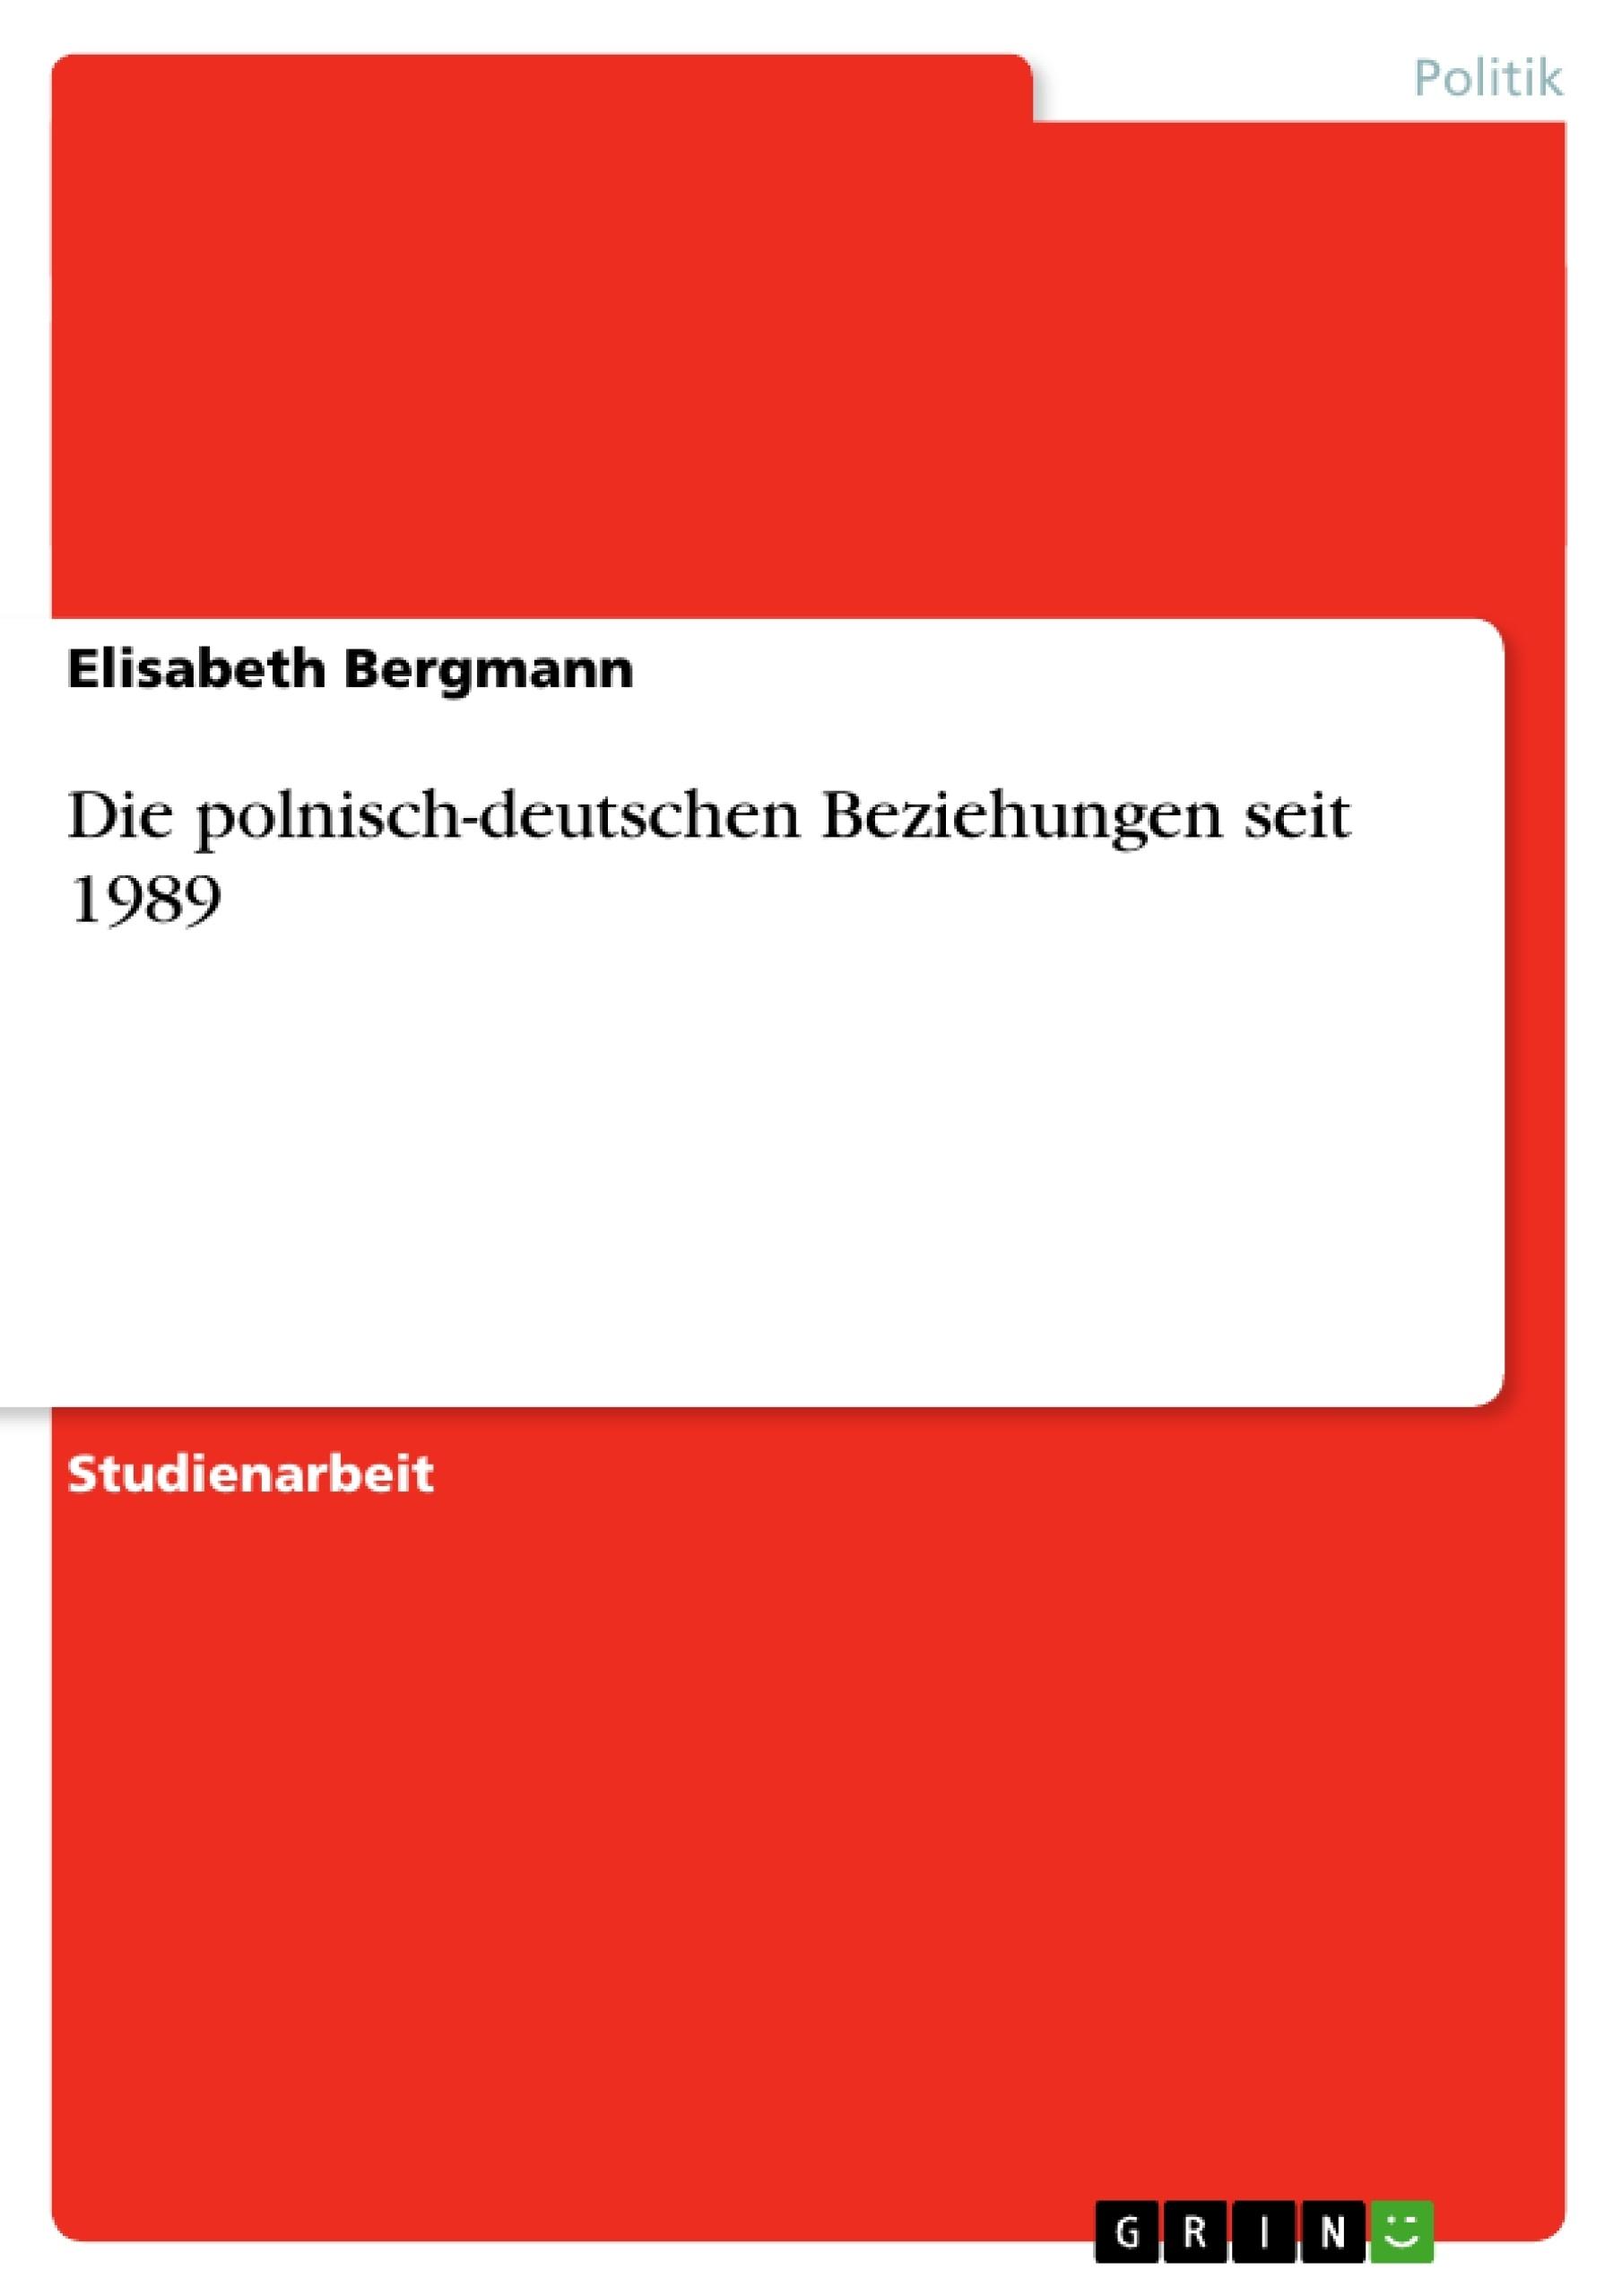 Titel: Die polnisch-deutschen Beziehungen seit 1989